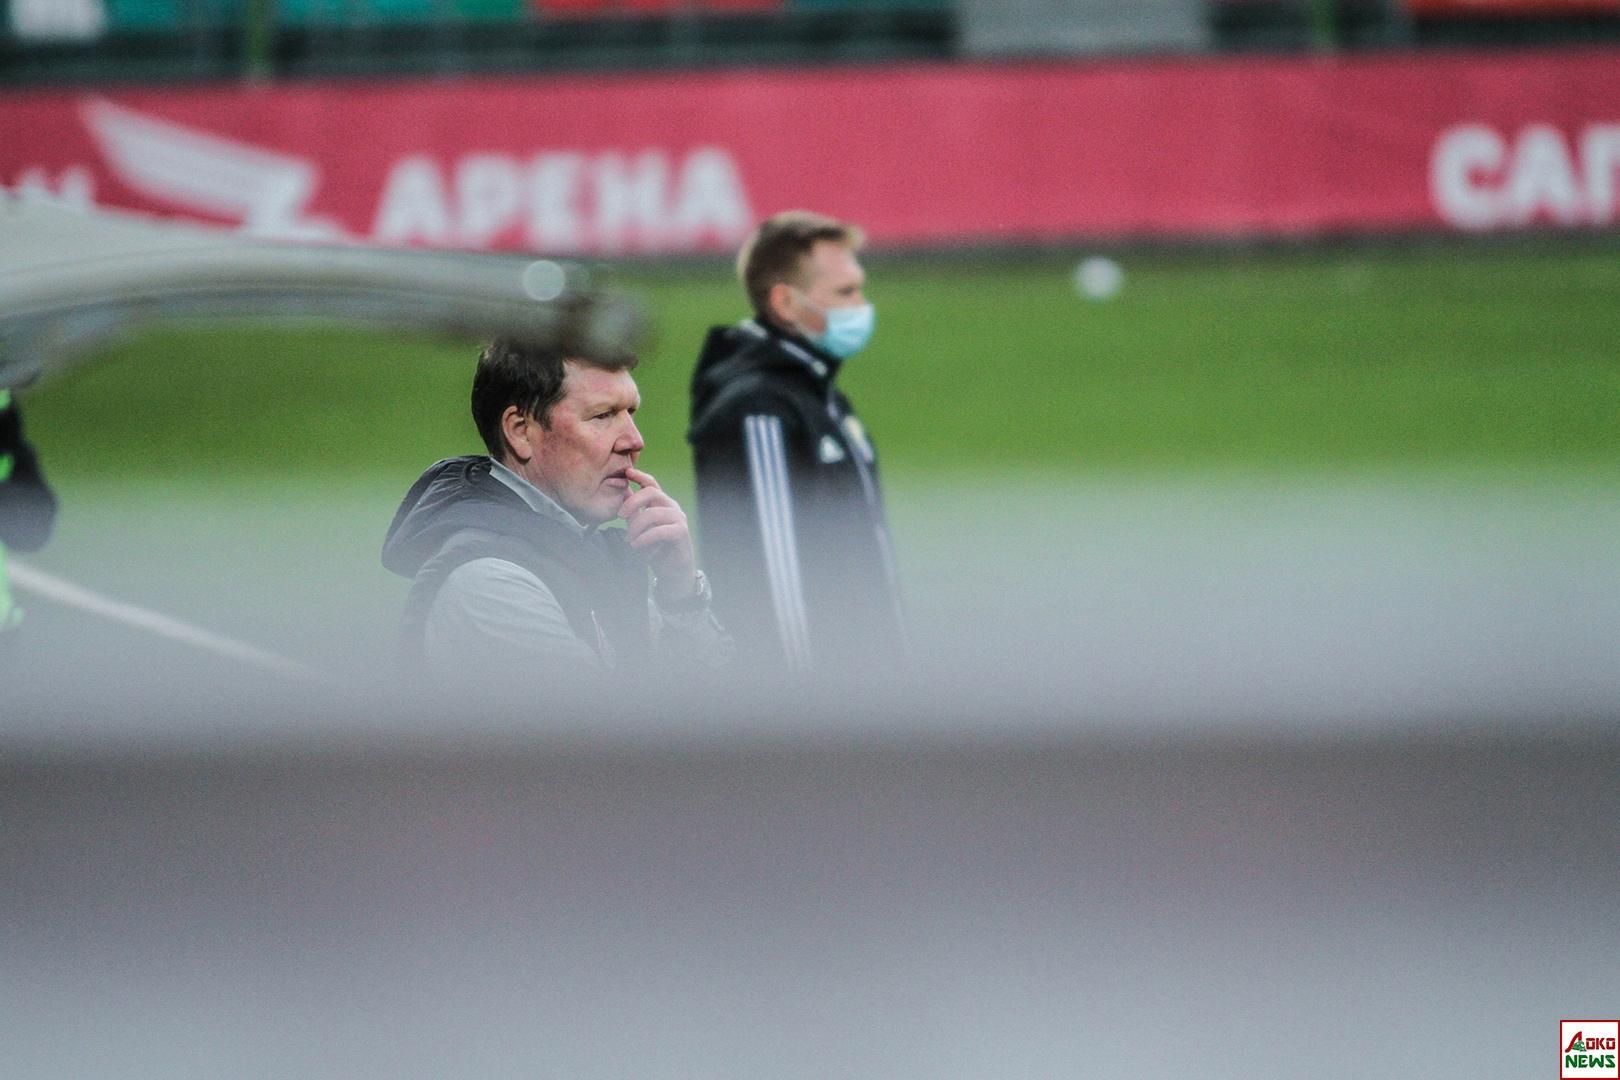 Казанка - Тверь. Фото: Дмитрий Бурдонов / Loko.News